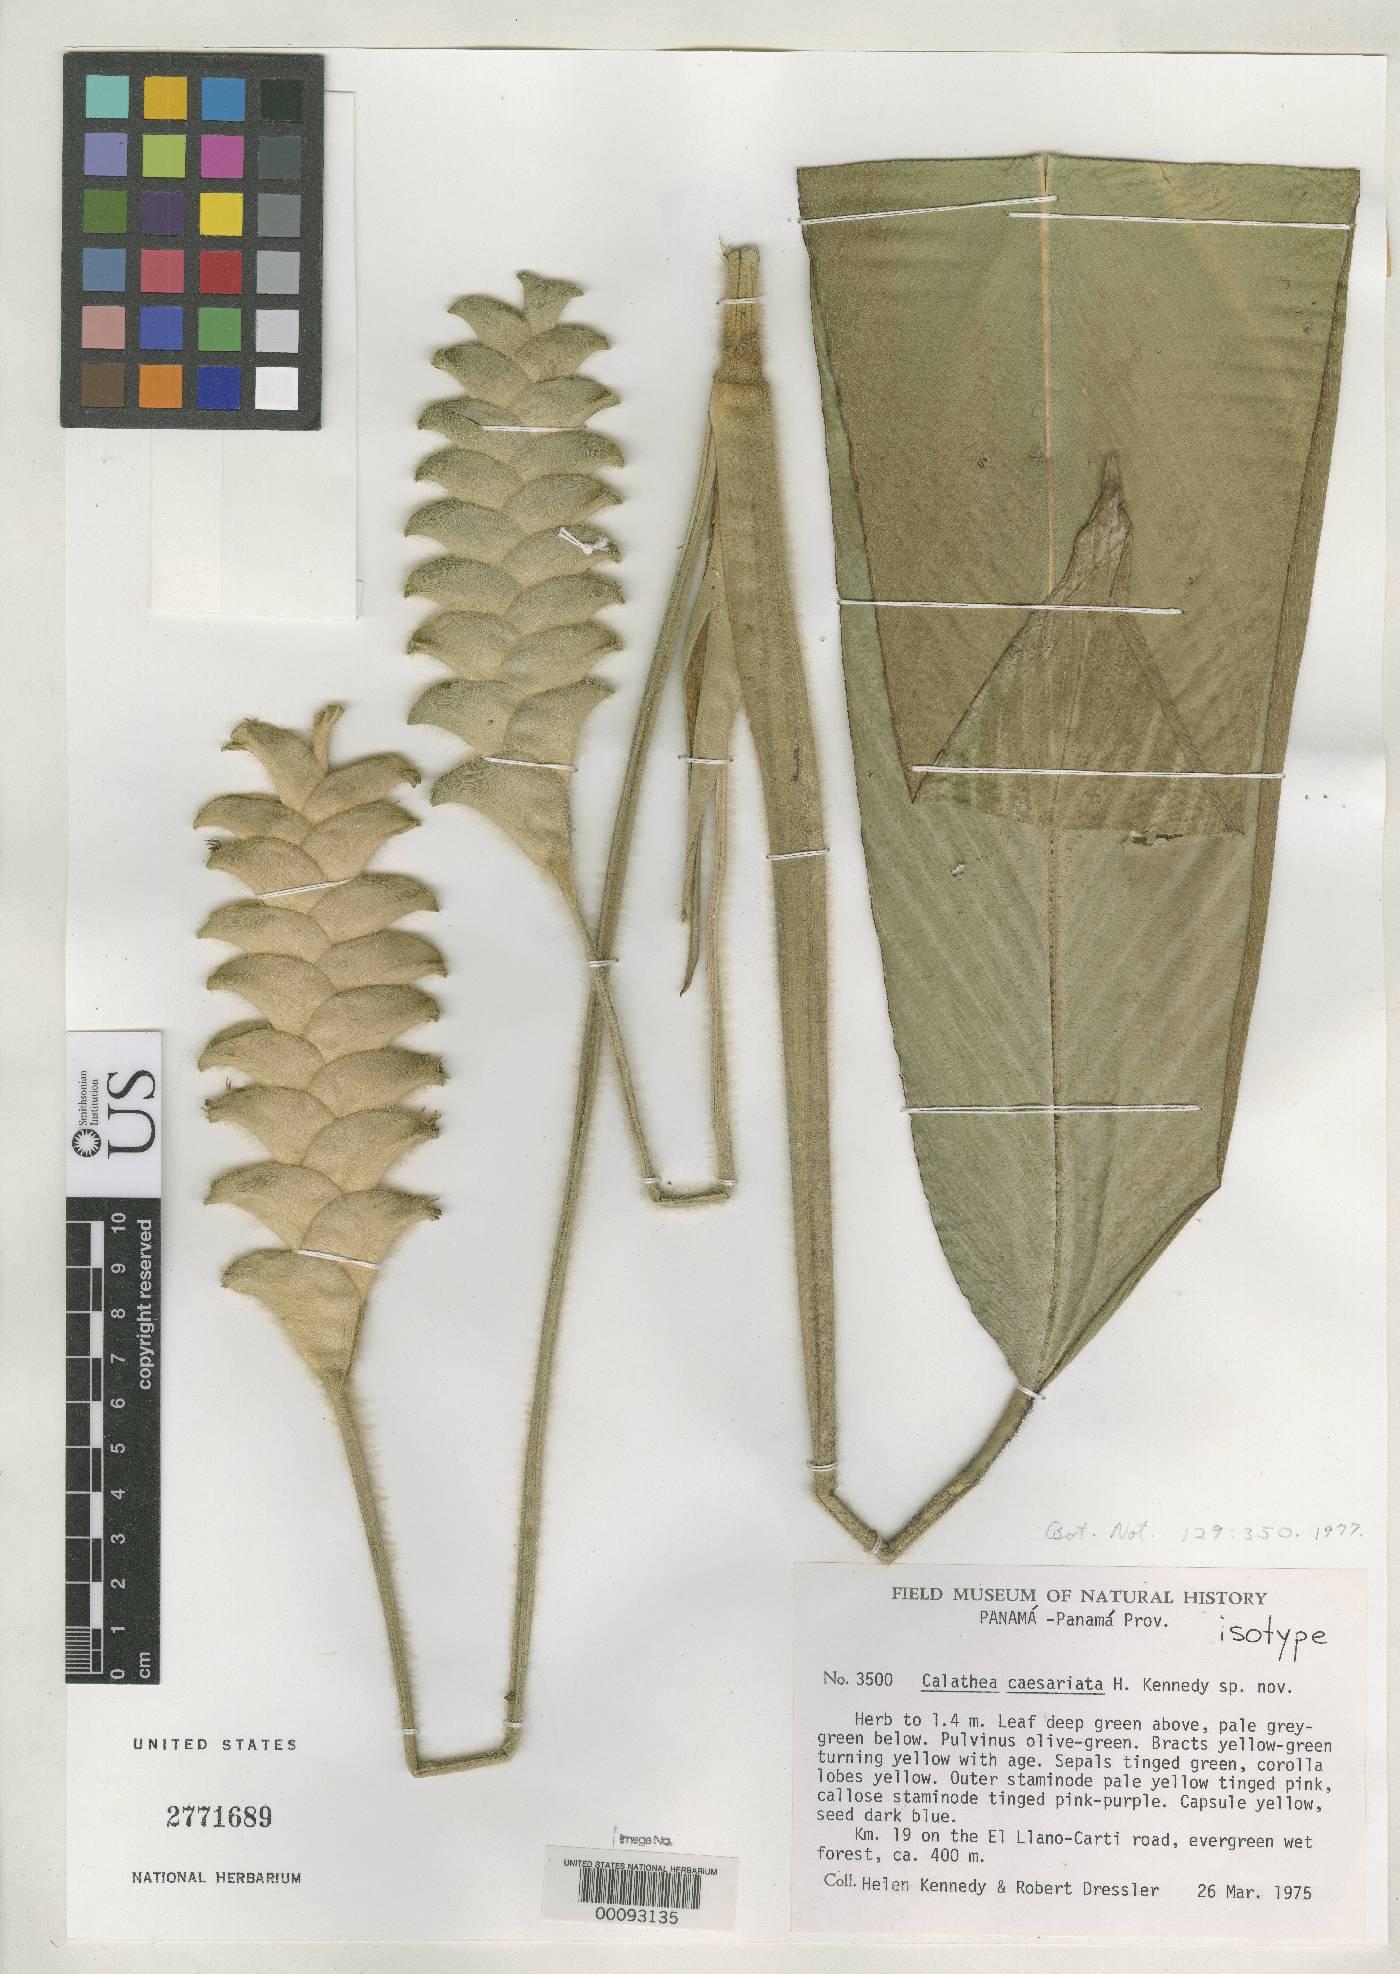 Calathea caesariata image